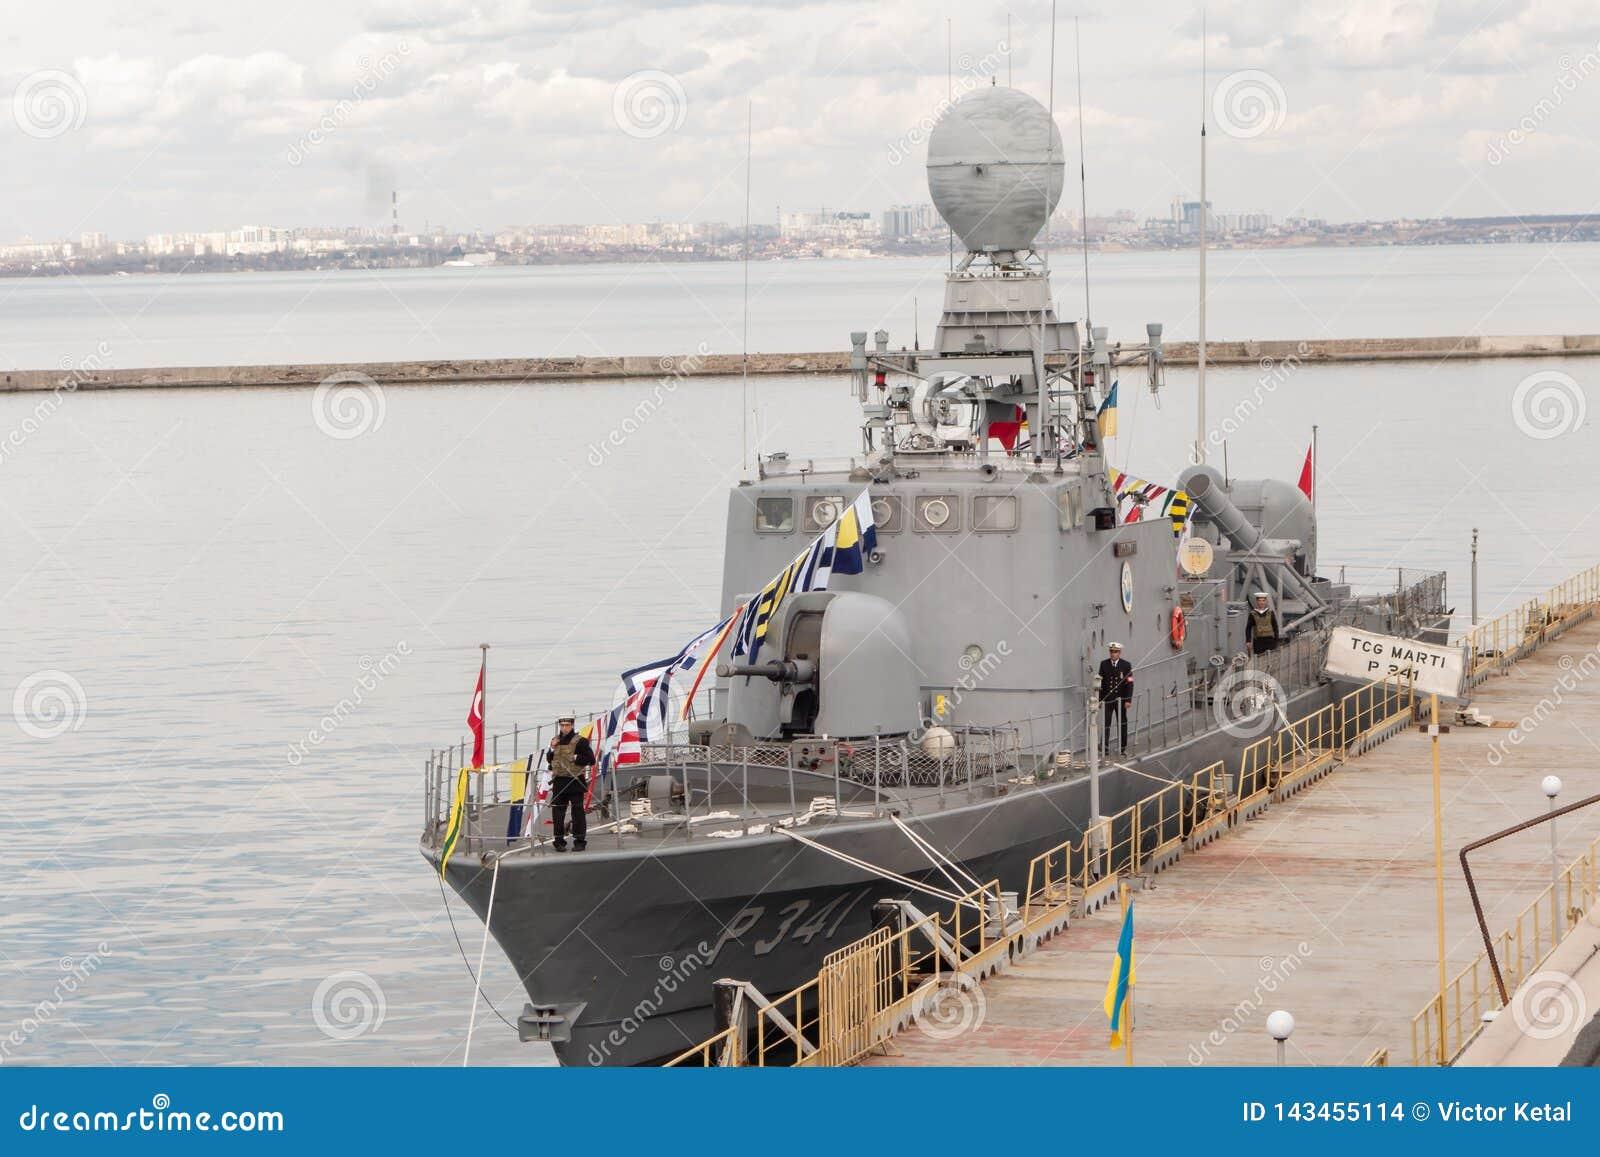 Turkish warship in the port of Odessa.NATO military forces in Ukraine. Odessa. Ukraine. 2019.03.06